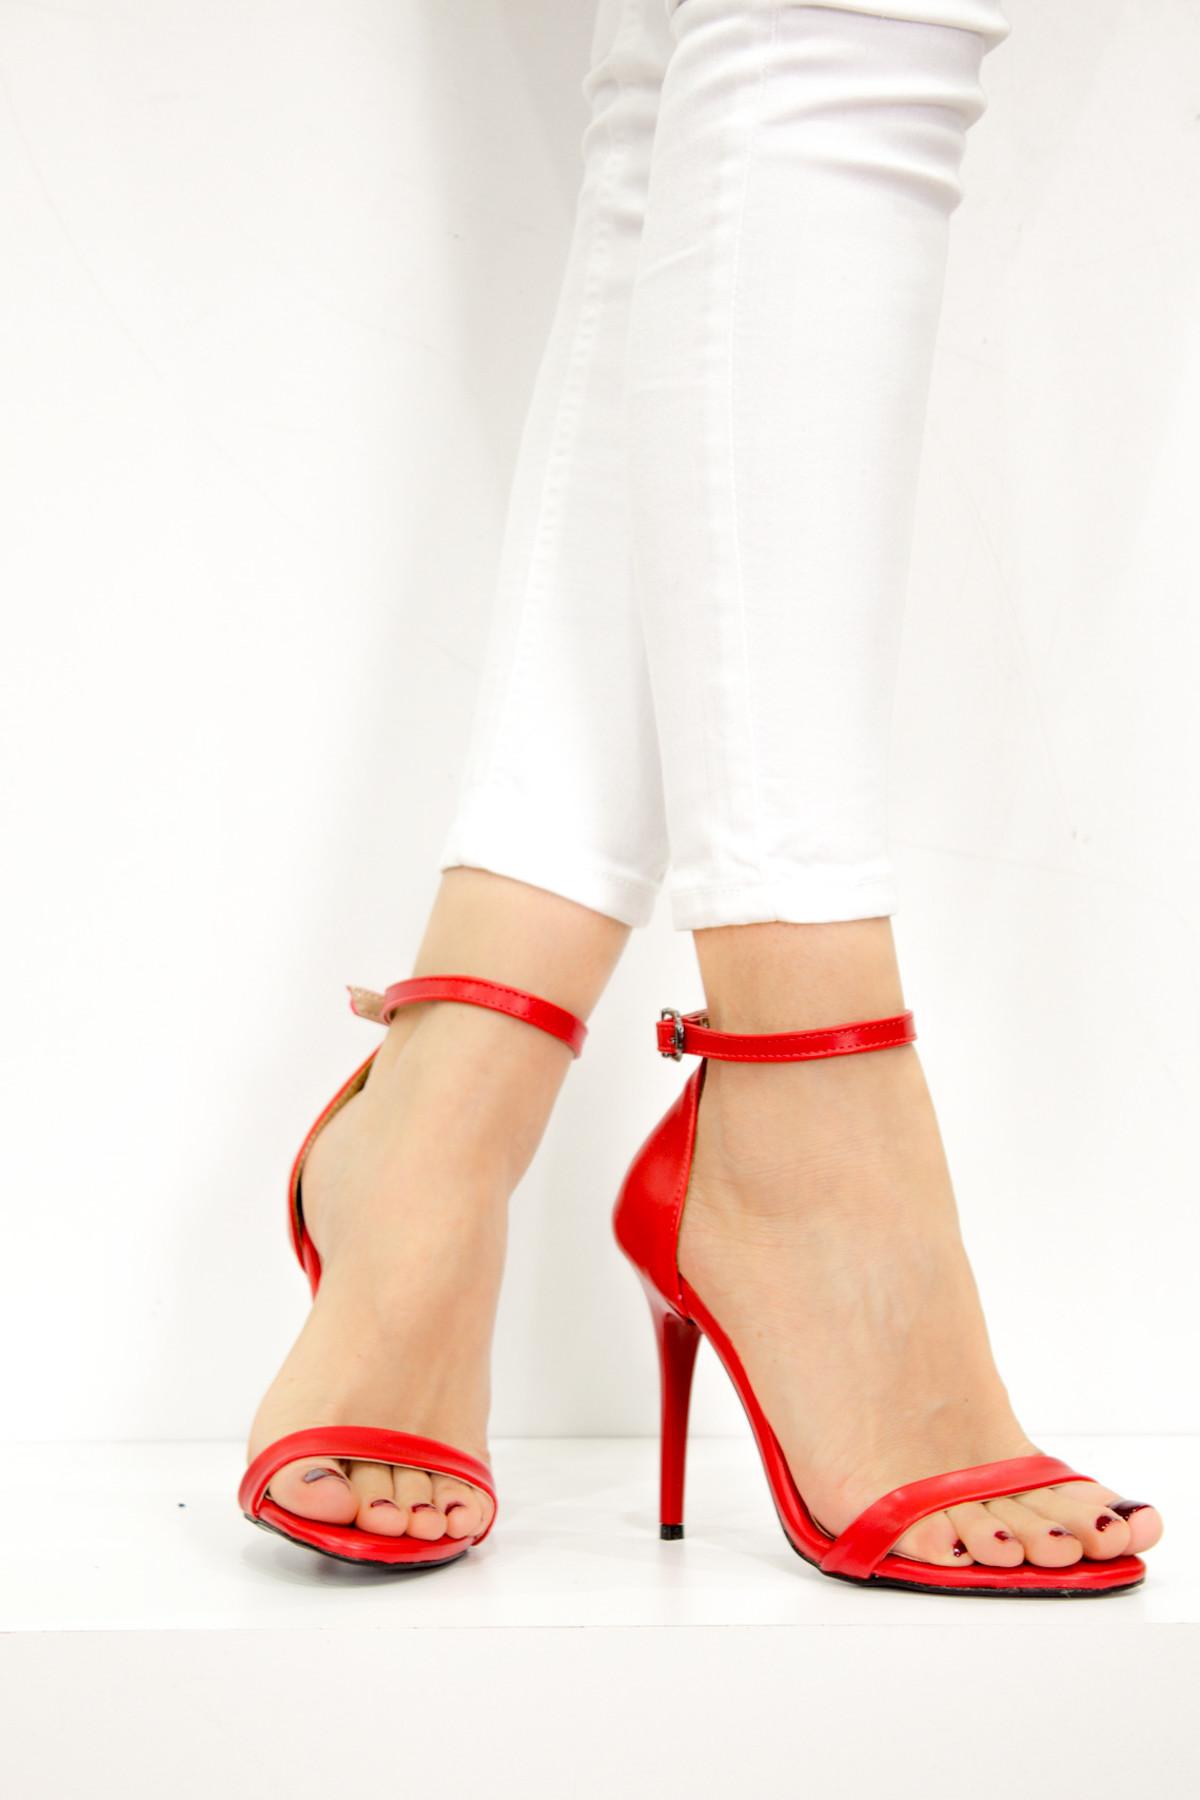 Fox Shoes Kırmızı Kadın Topuklu Ayakkabı B922112609 1